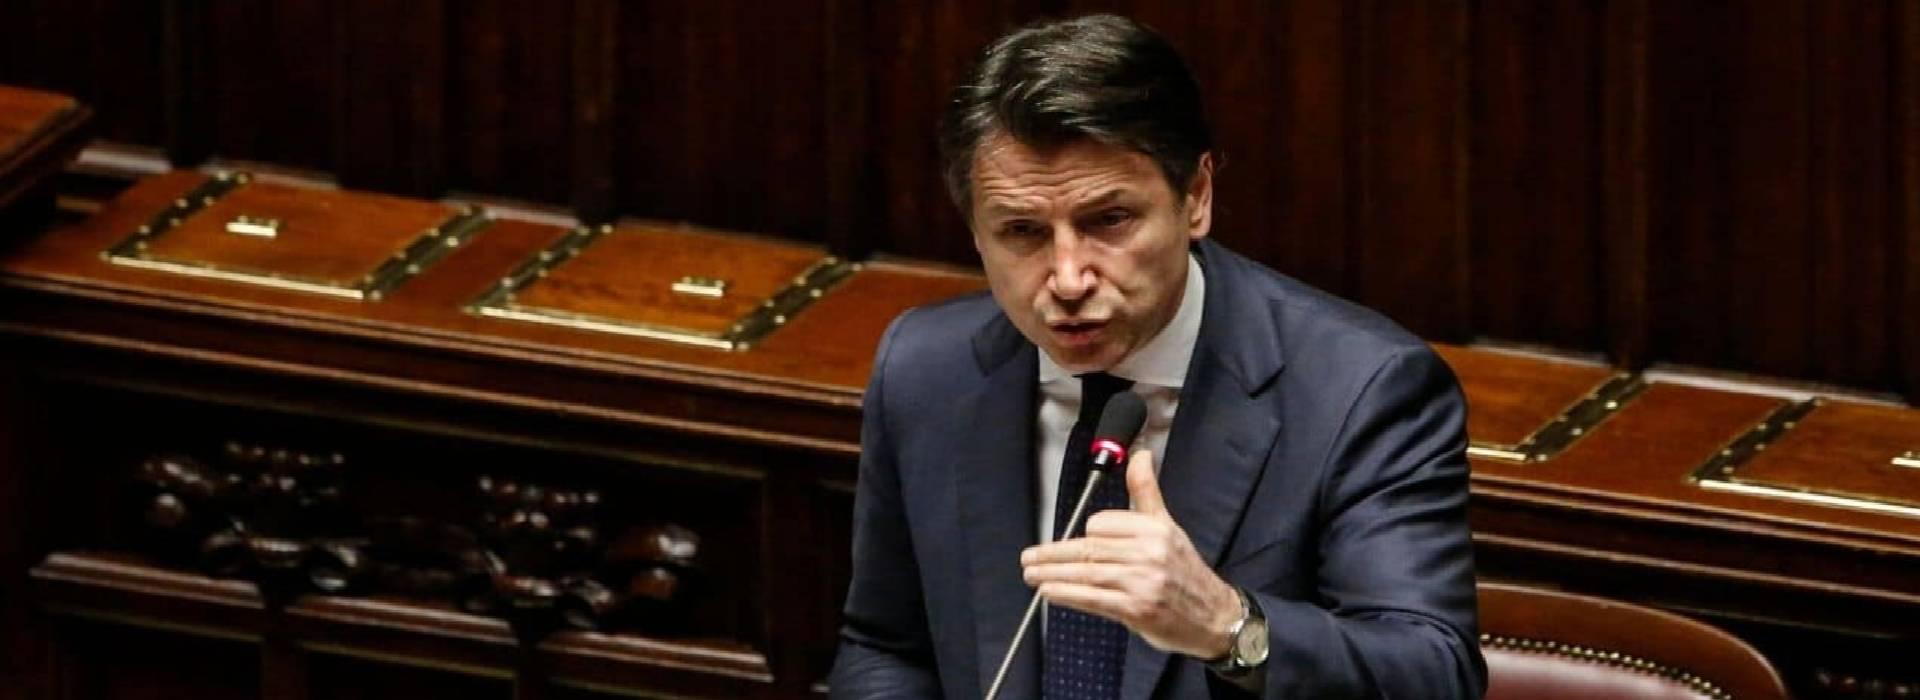 """L'informativa urgente del premier Conte alla Camera: """"No improvvisazioni"""""""